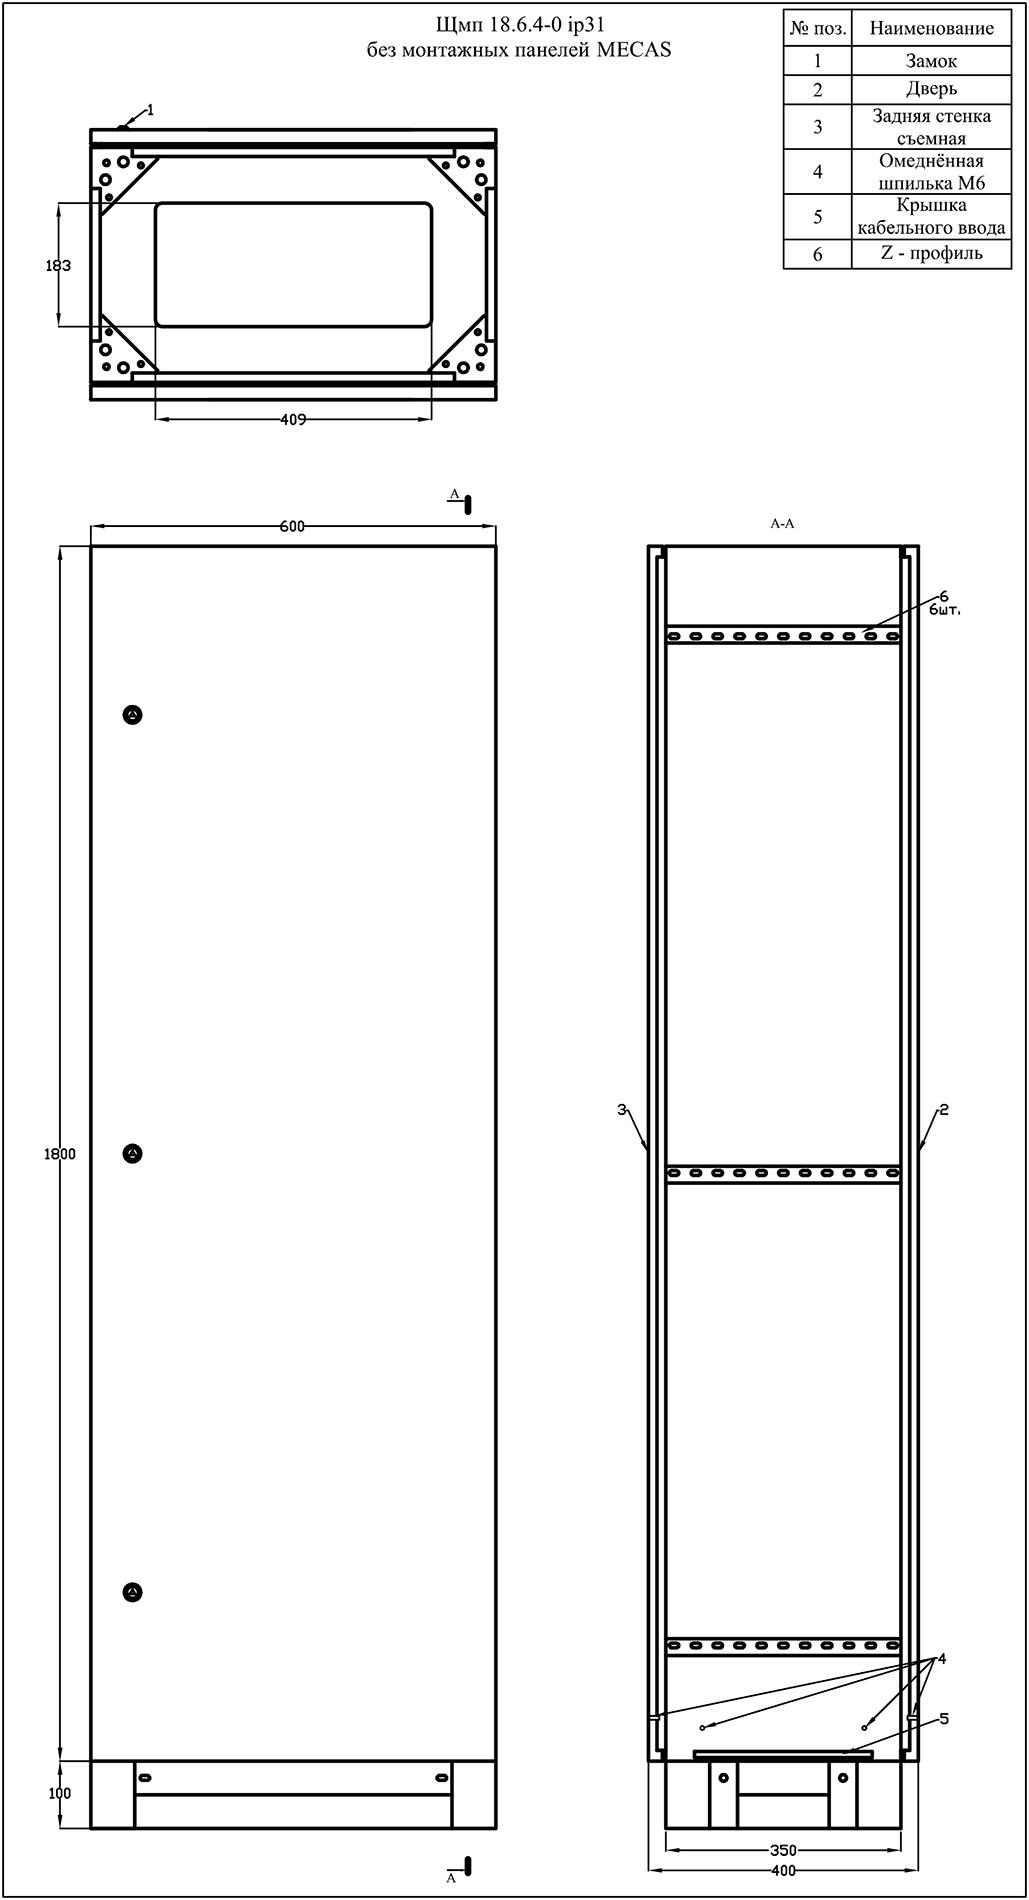 ЩМП-18.6.4-0 (1800х600х400) IP31 без монтажных панелей MECAS